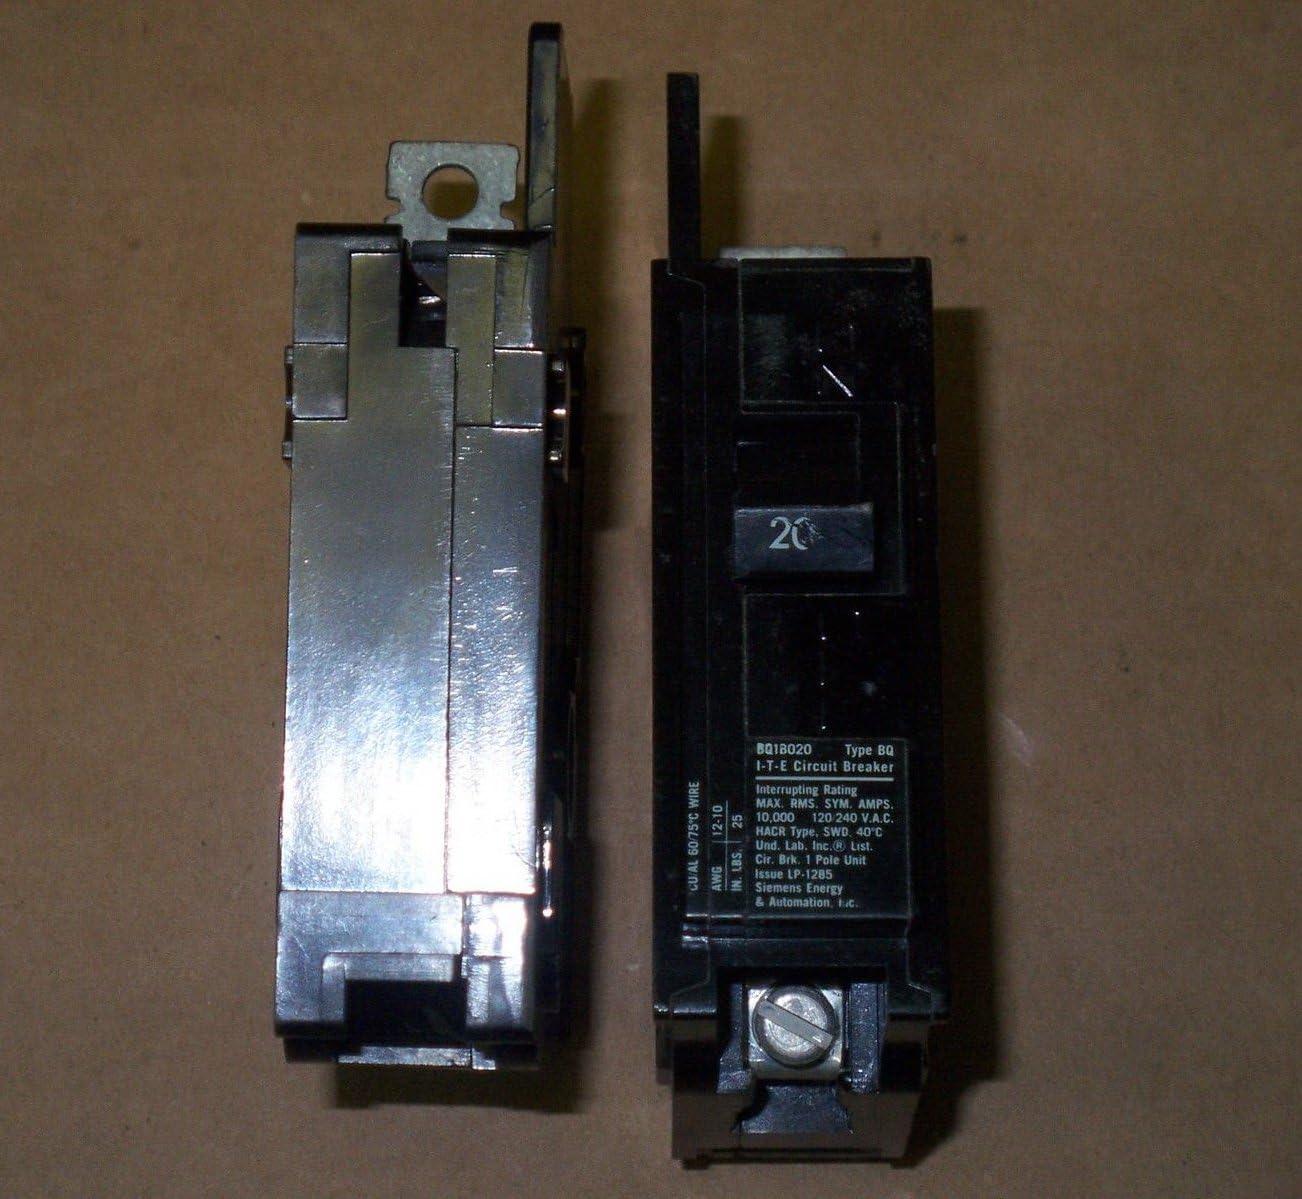 Bq1b020 20 Amp 1 Pole Eq-b Breaker